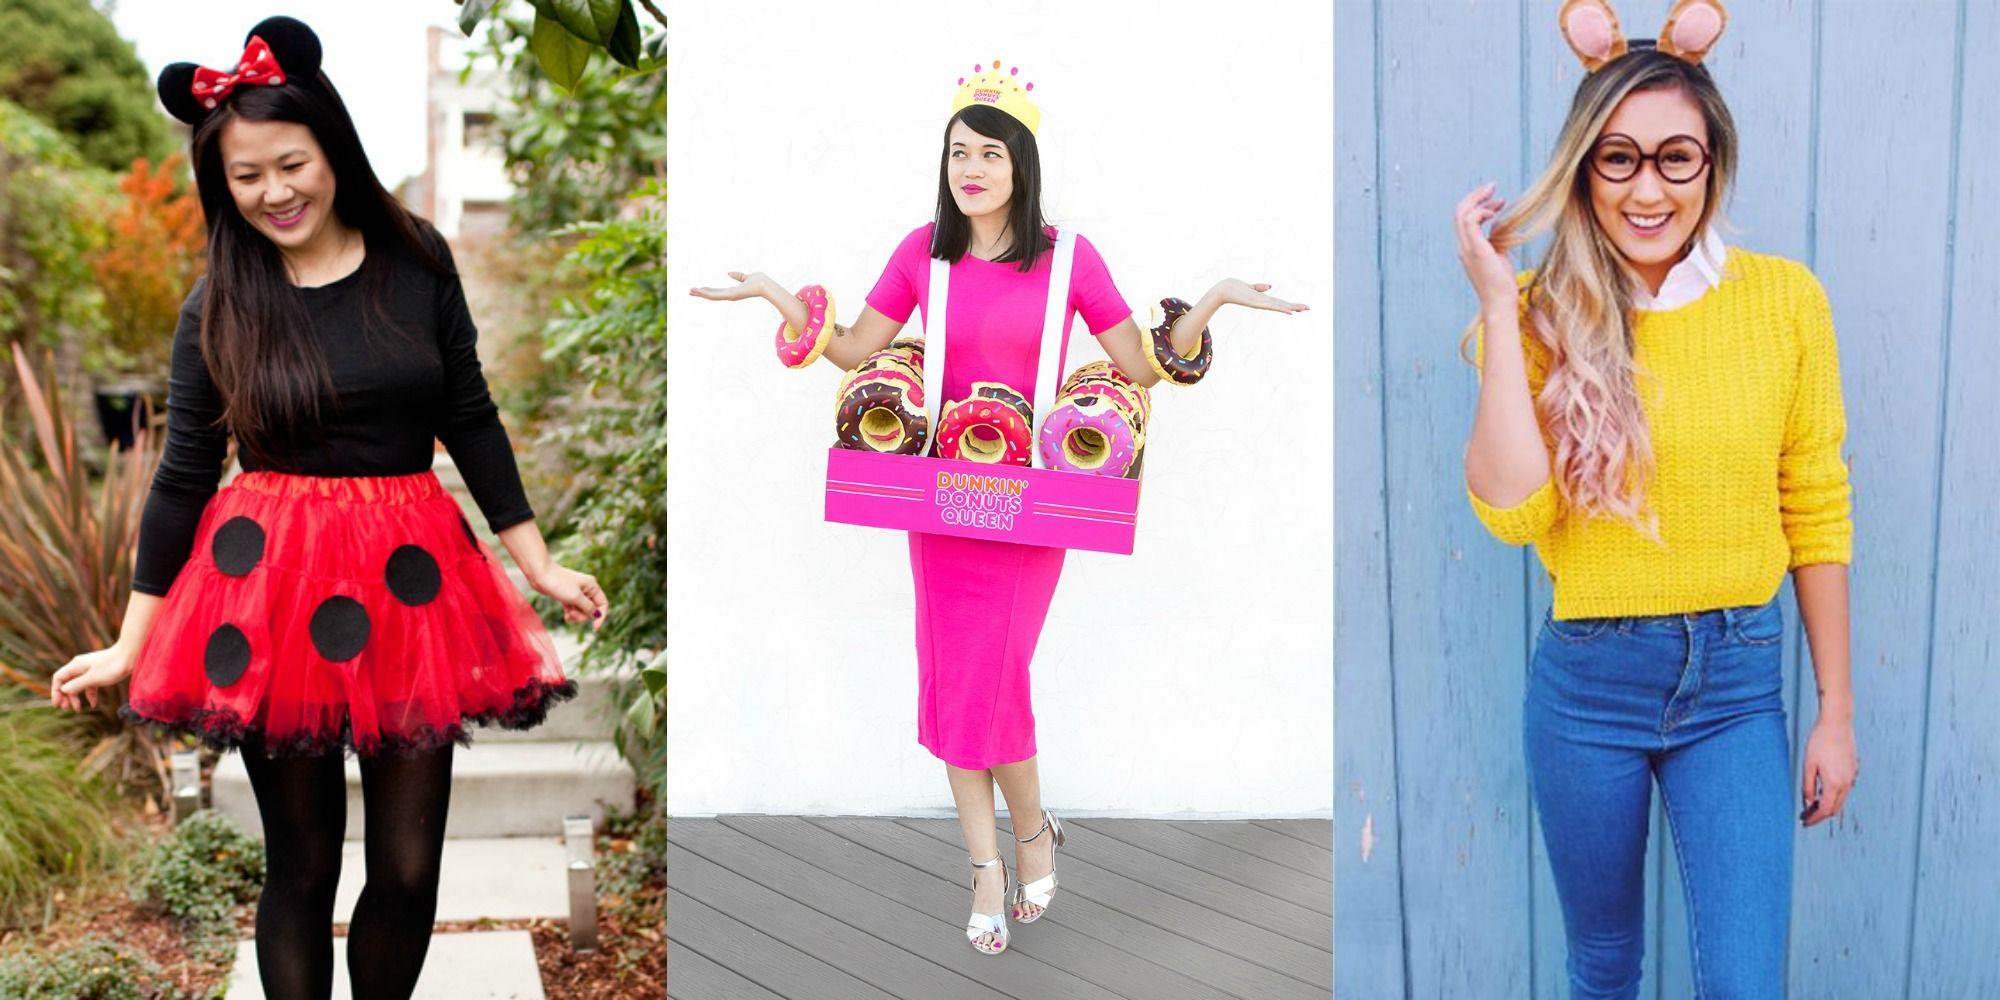 50 easy last minute halloween costume ideas diy halloween costumes rh goodhousekeeping com halloween homemade costume ideas 2017 halloween homemade costume ideas